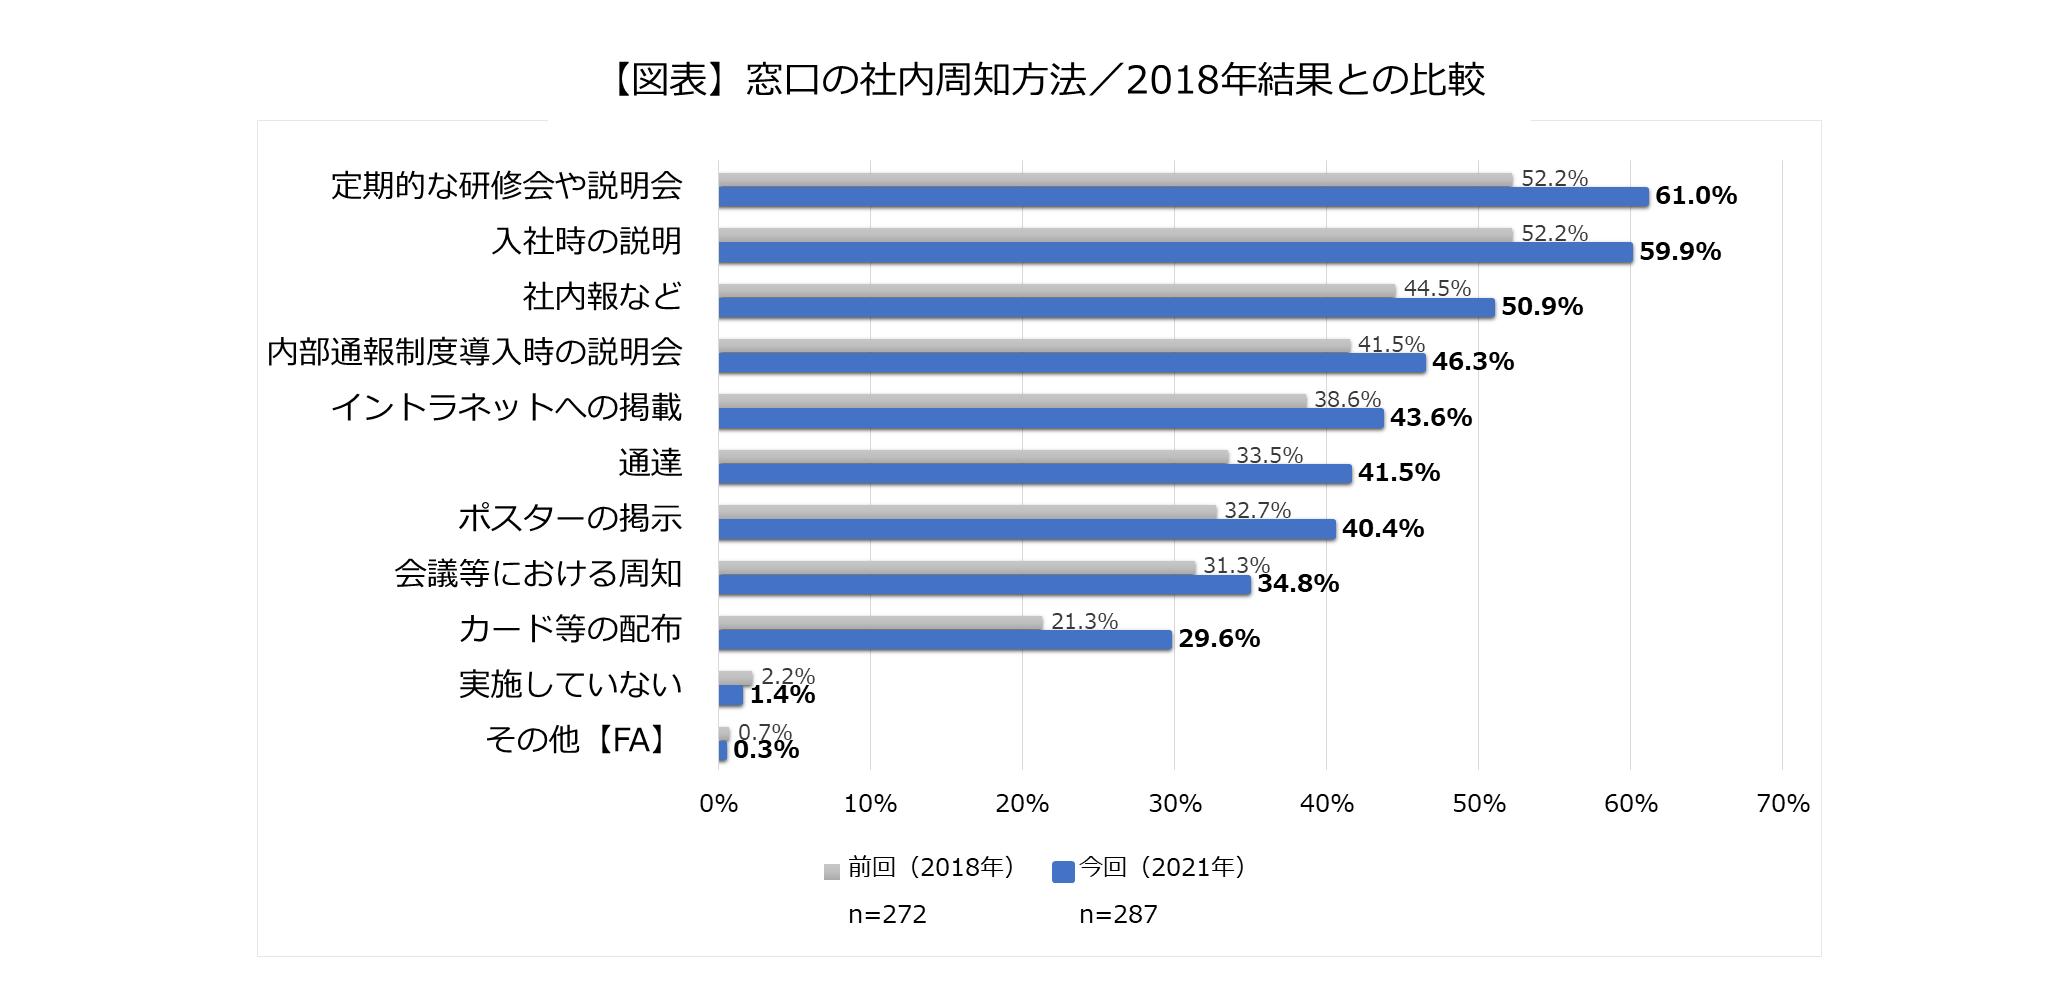 窓口の社内周知方法/2018年結果との比較のグラフ